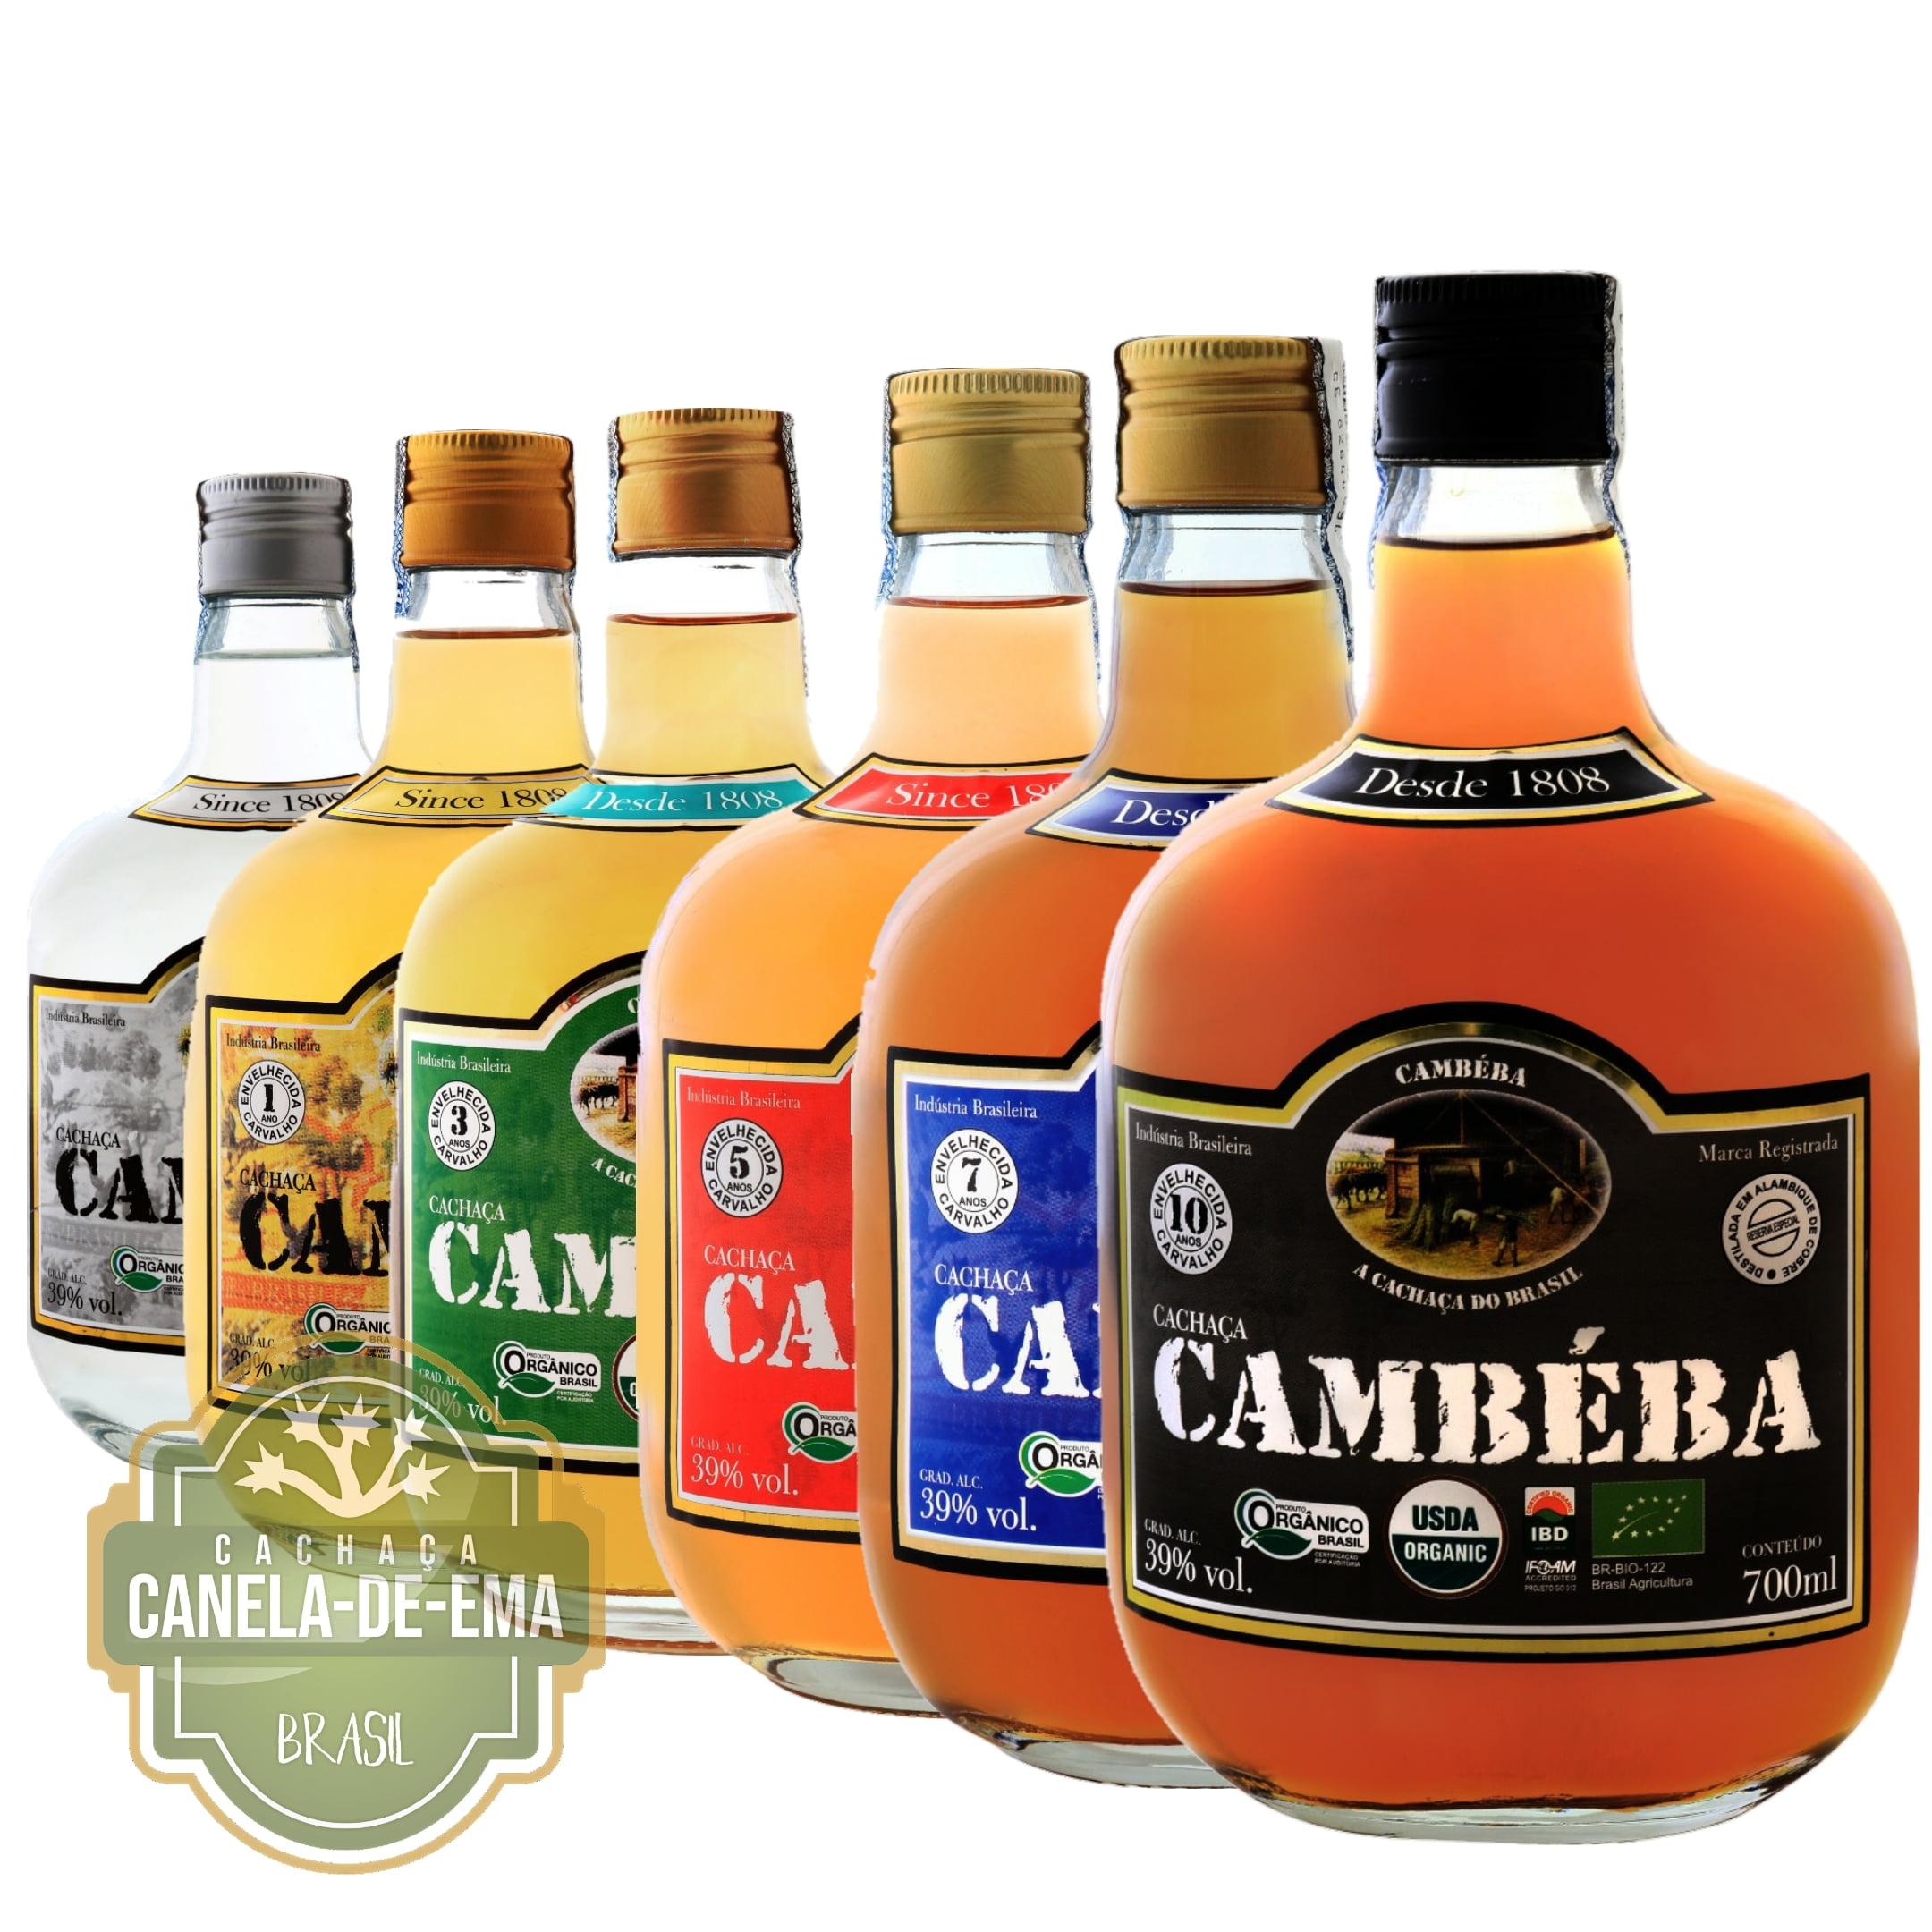 Cachaça Cambéba - Royal Kit  | Empório Cachaça Canela-de-Ema